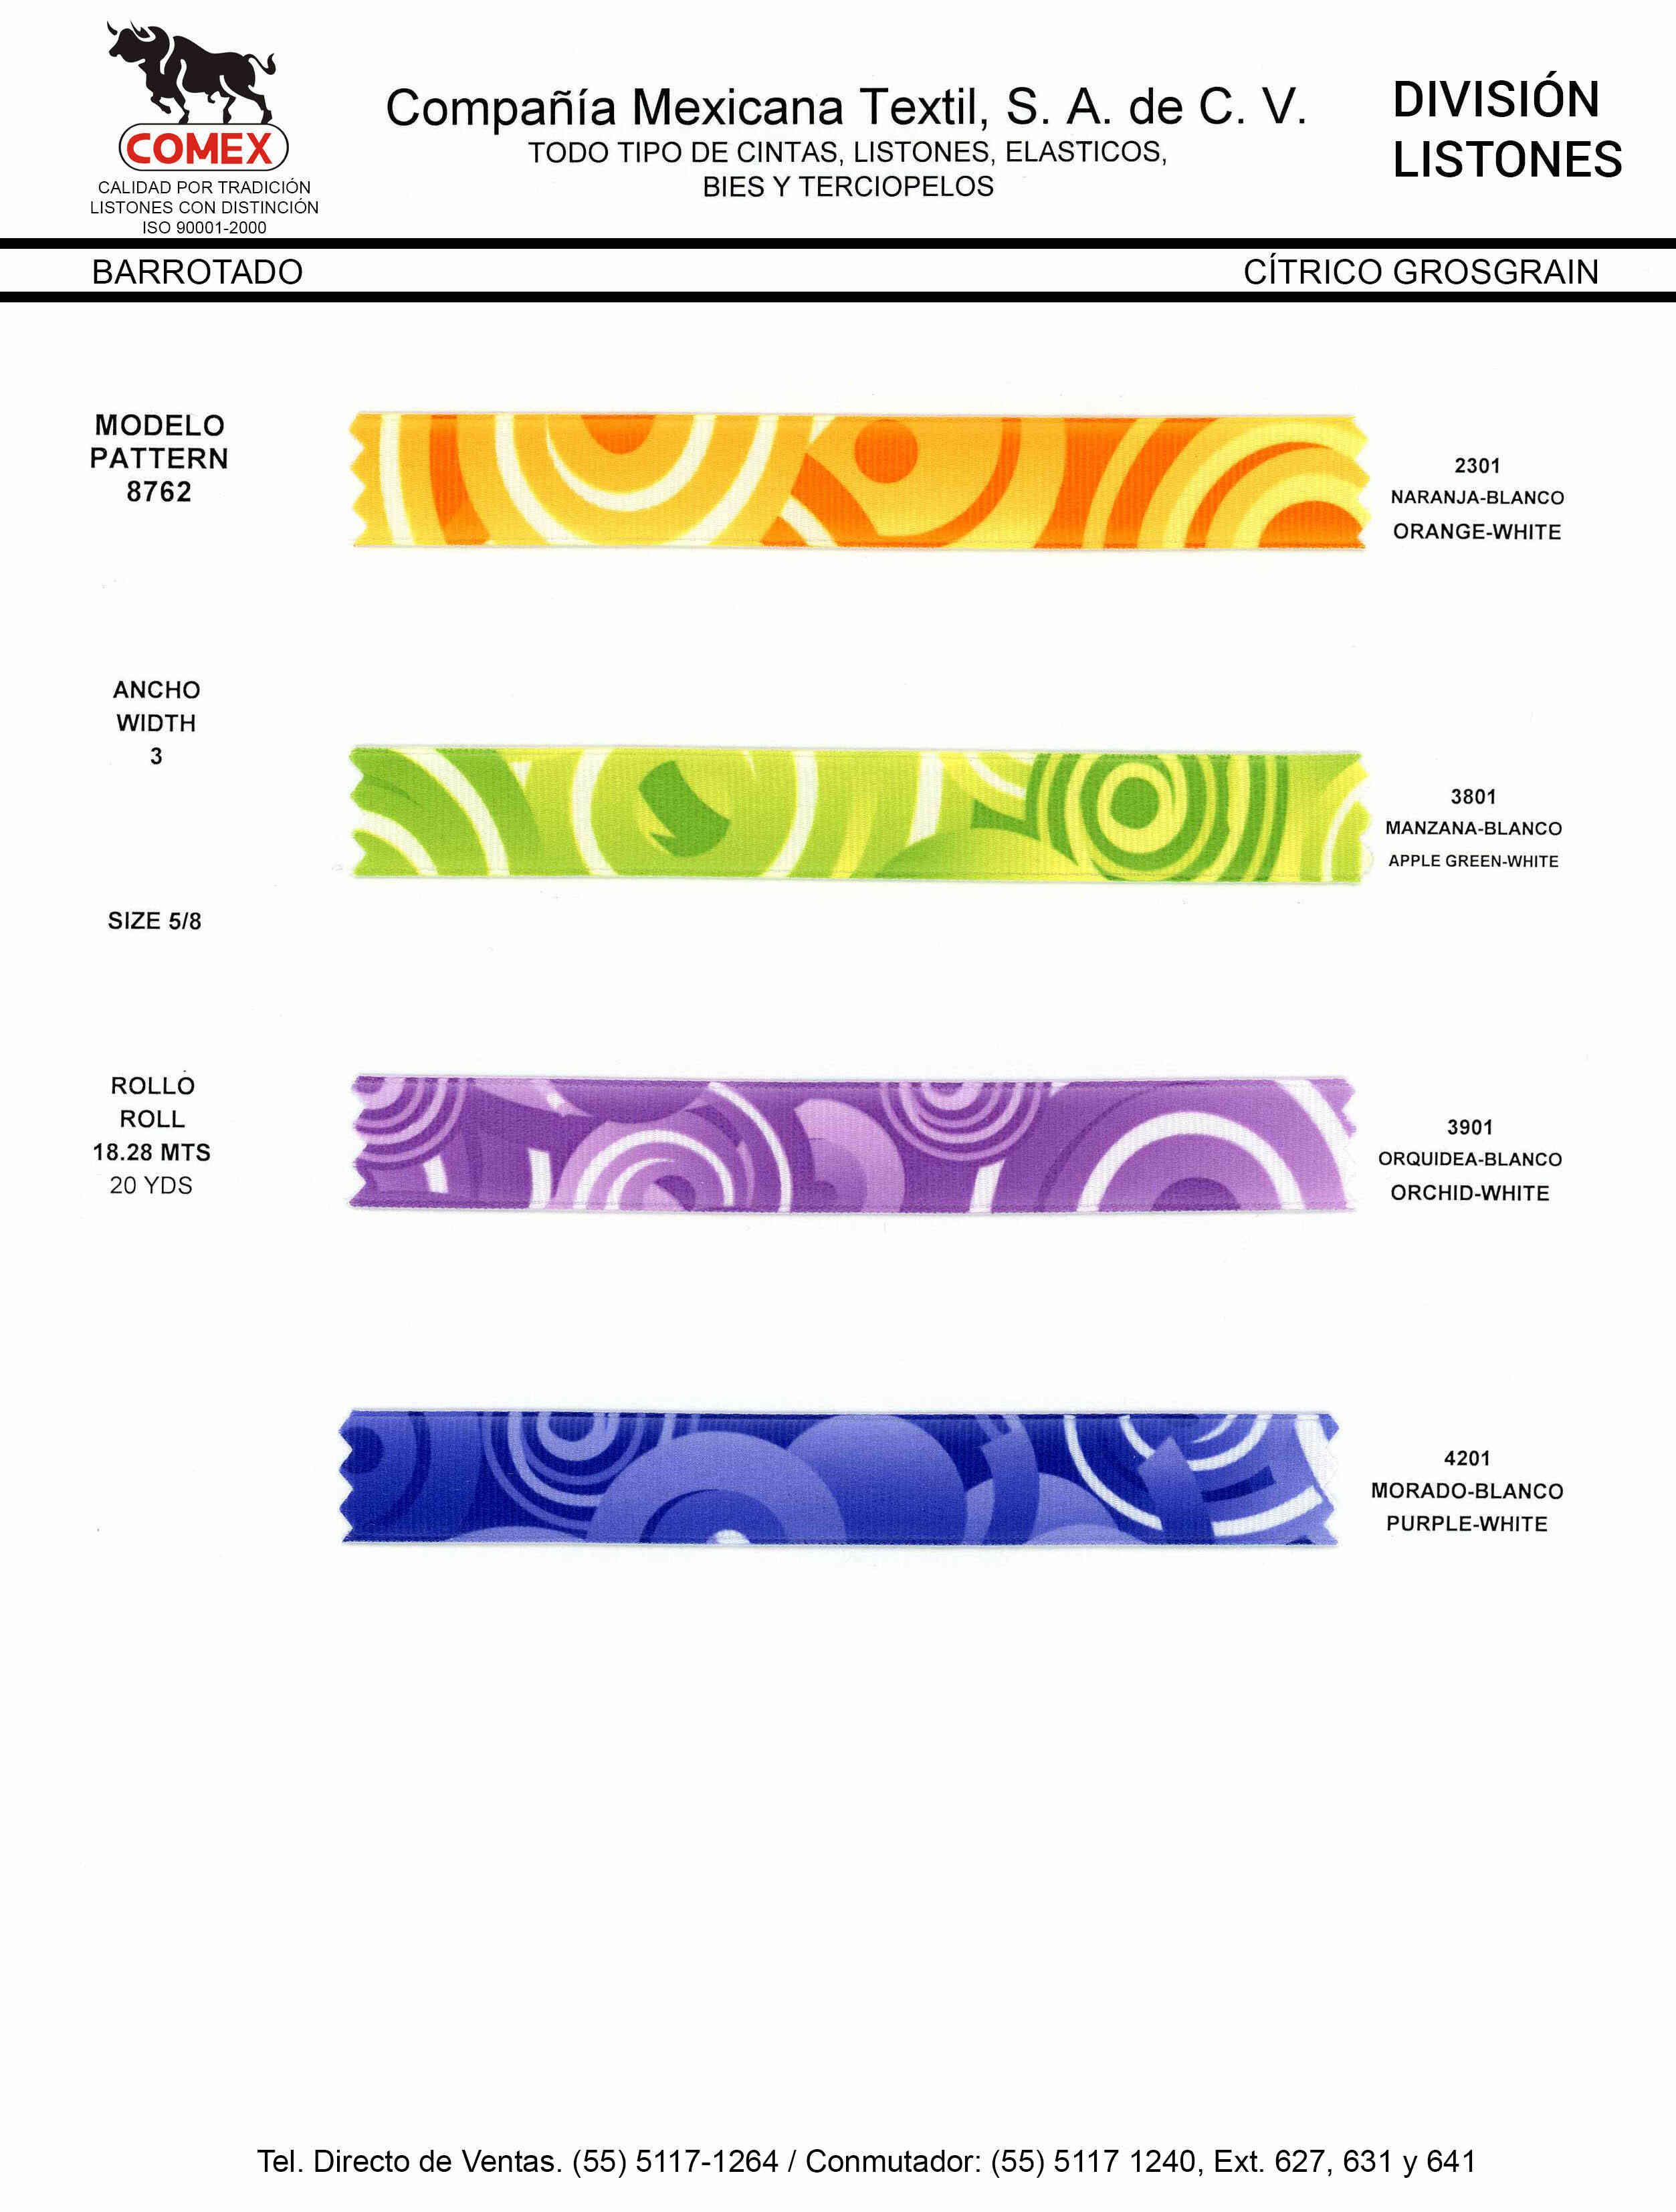 Anchos y Colores de Liston Mod.8762